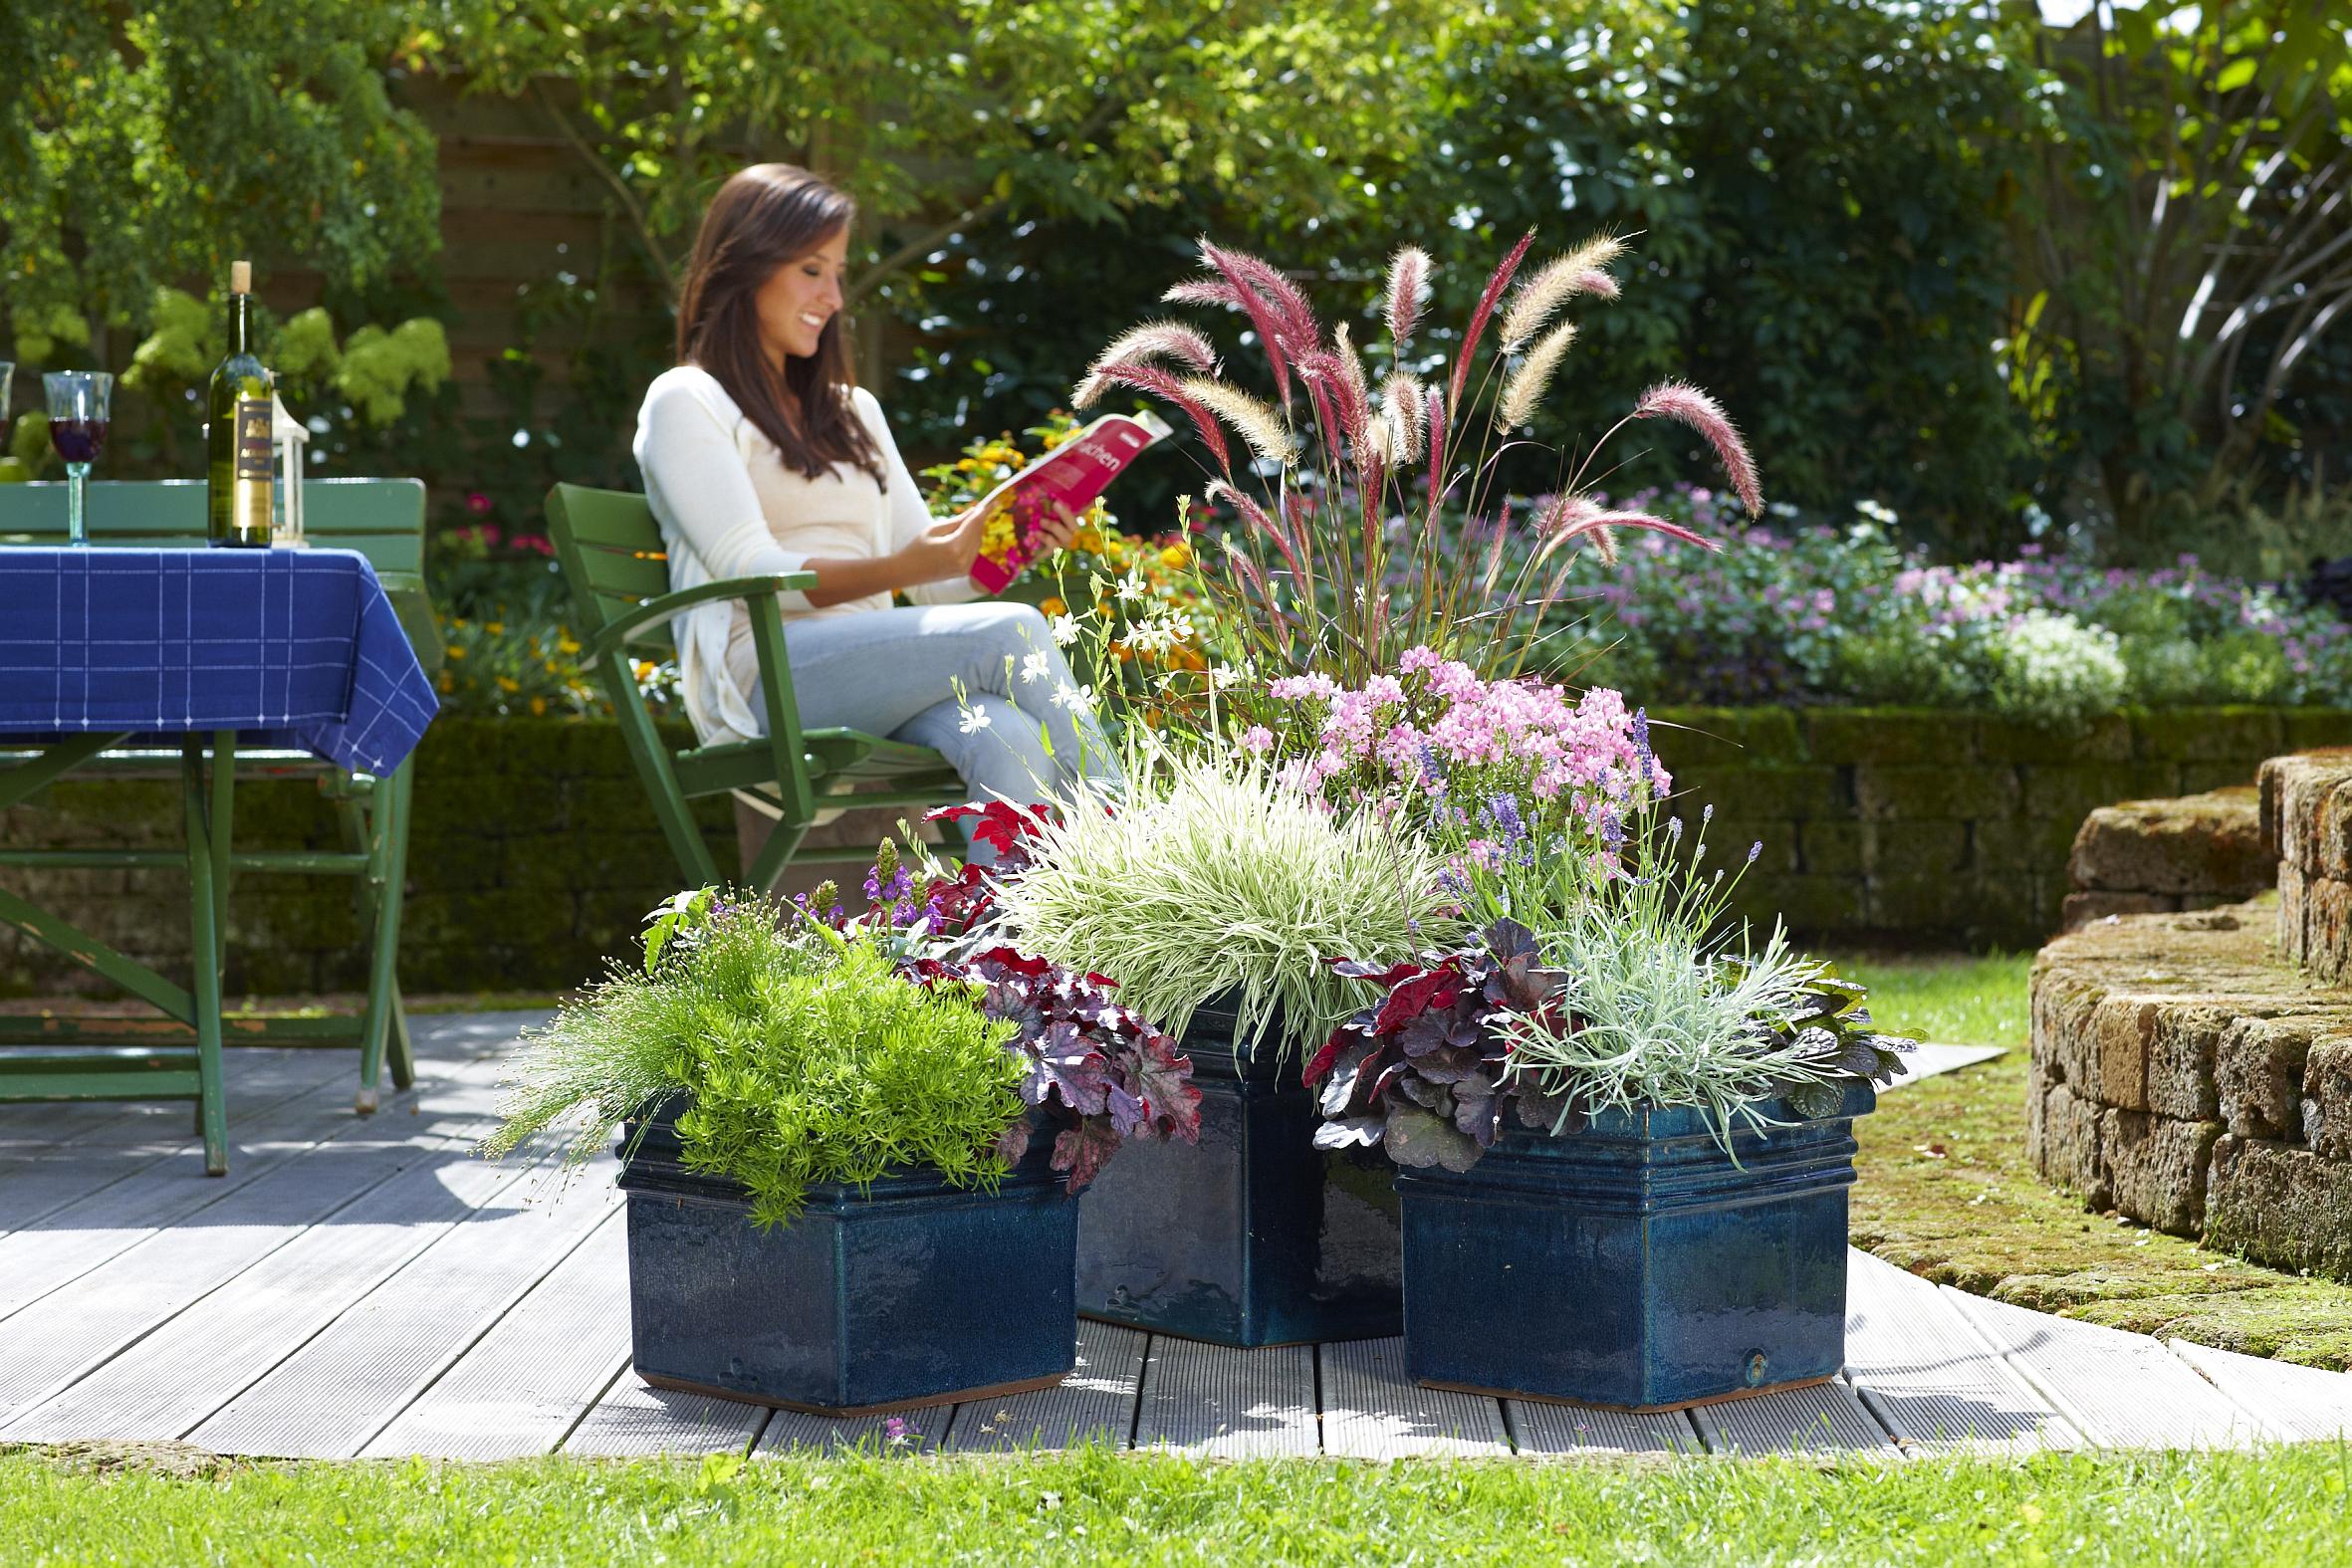 18 pflegeleichte gestaltungsideen mit gr ser pflanzen deko feiern gartenarbeit zenideen. Black Bedroom Furniture Sets. Home Design Ideas